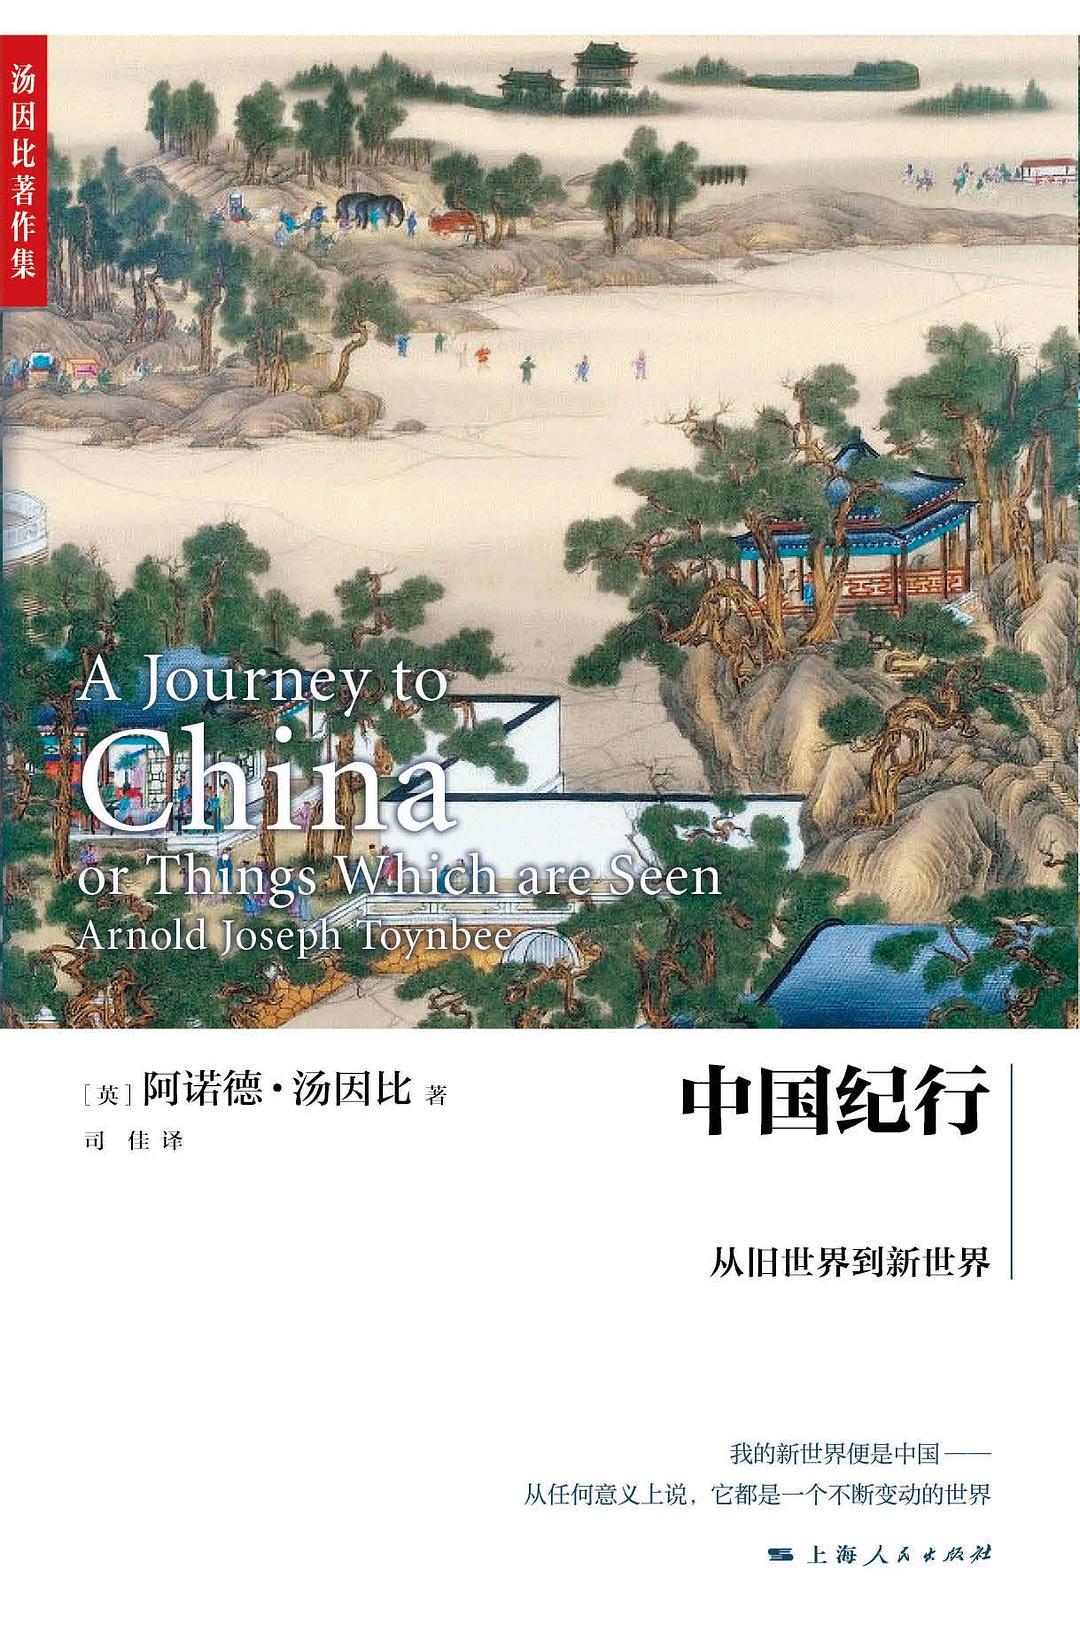 《中国纪走:从旧世界到新世界》[英]阿诺德•汤因比 著,司佳 译,上海人民出版社,2019年7月